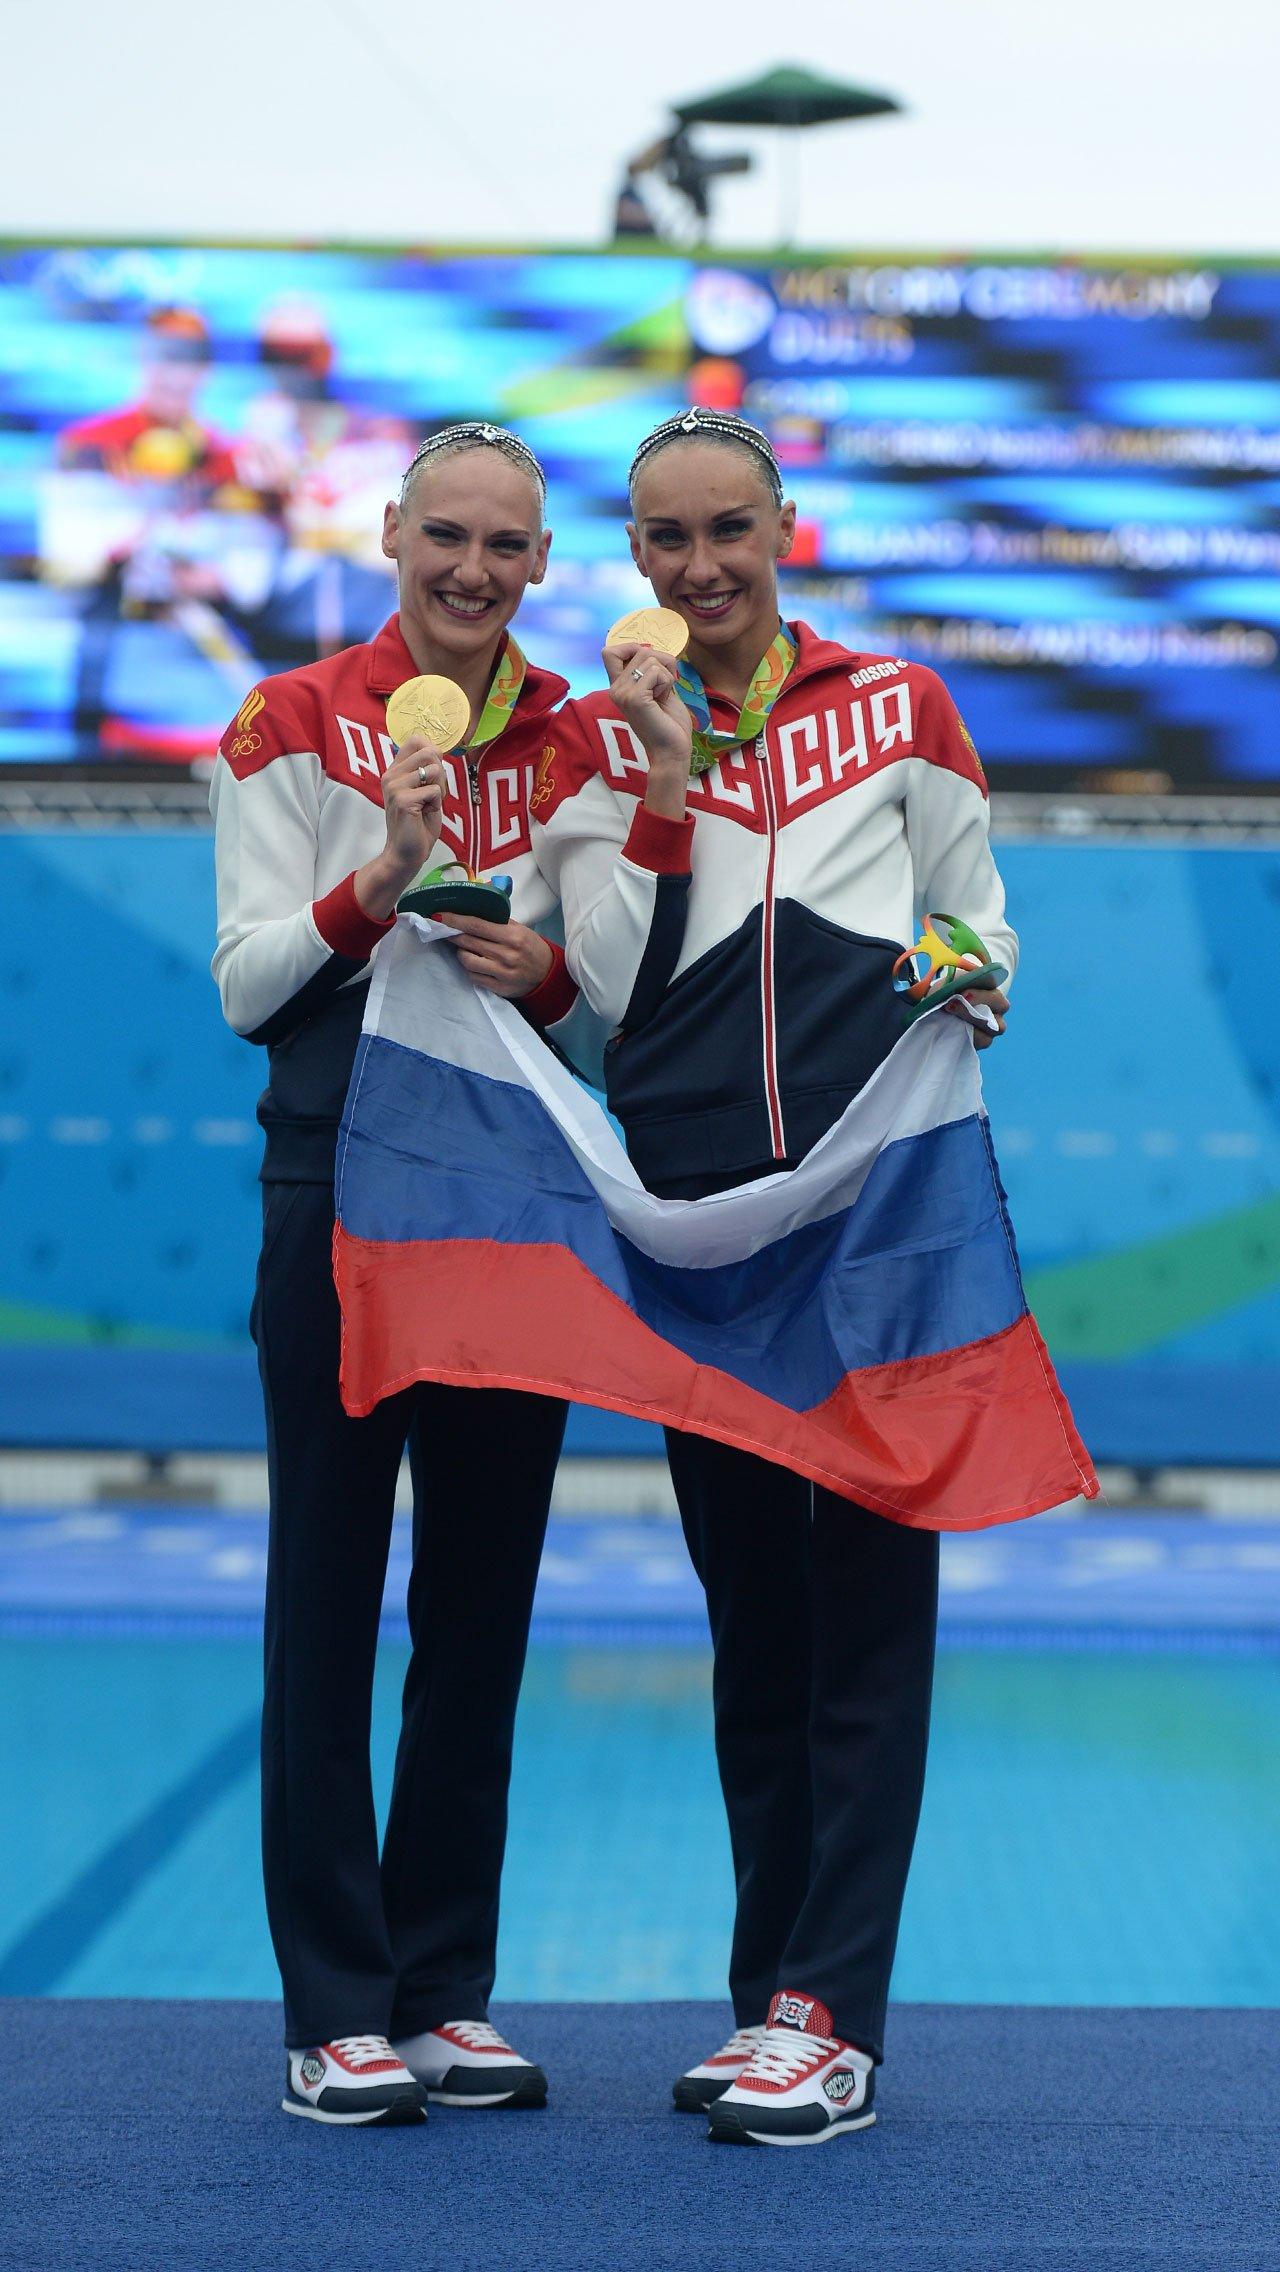 Принято считать, что в России олимпийским чемпионам платят много денег. Однако по размерам призовых за медали летней Олимпиады-2016 Россия не вошла в топ-10 самых щедрых стран.